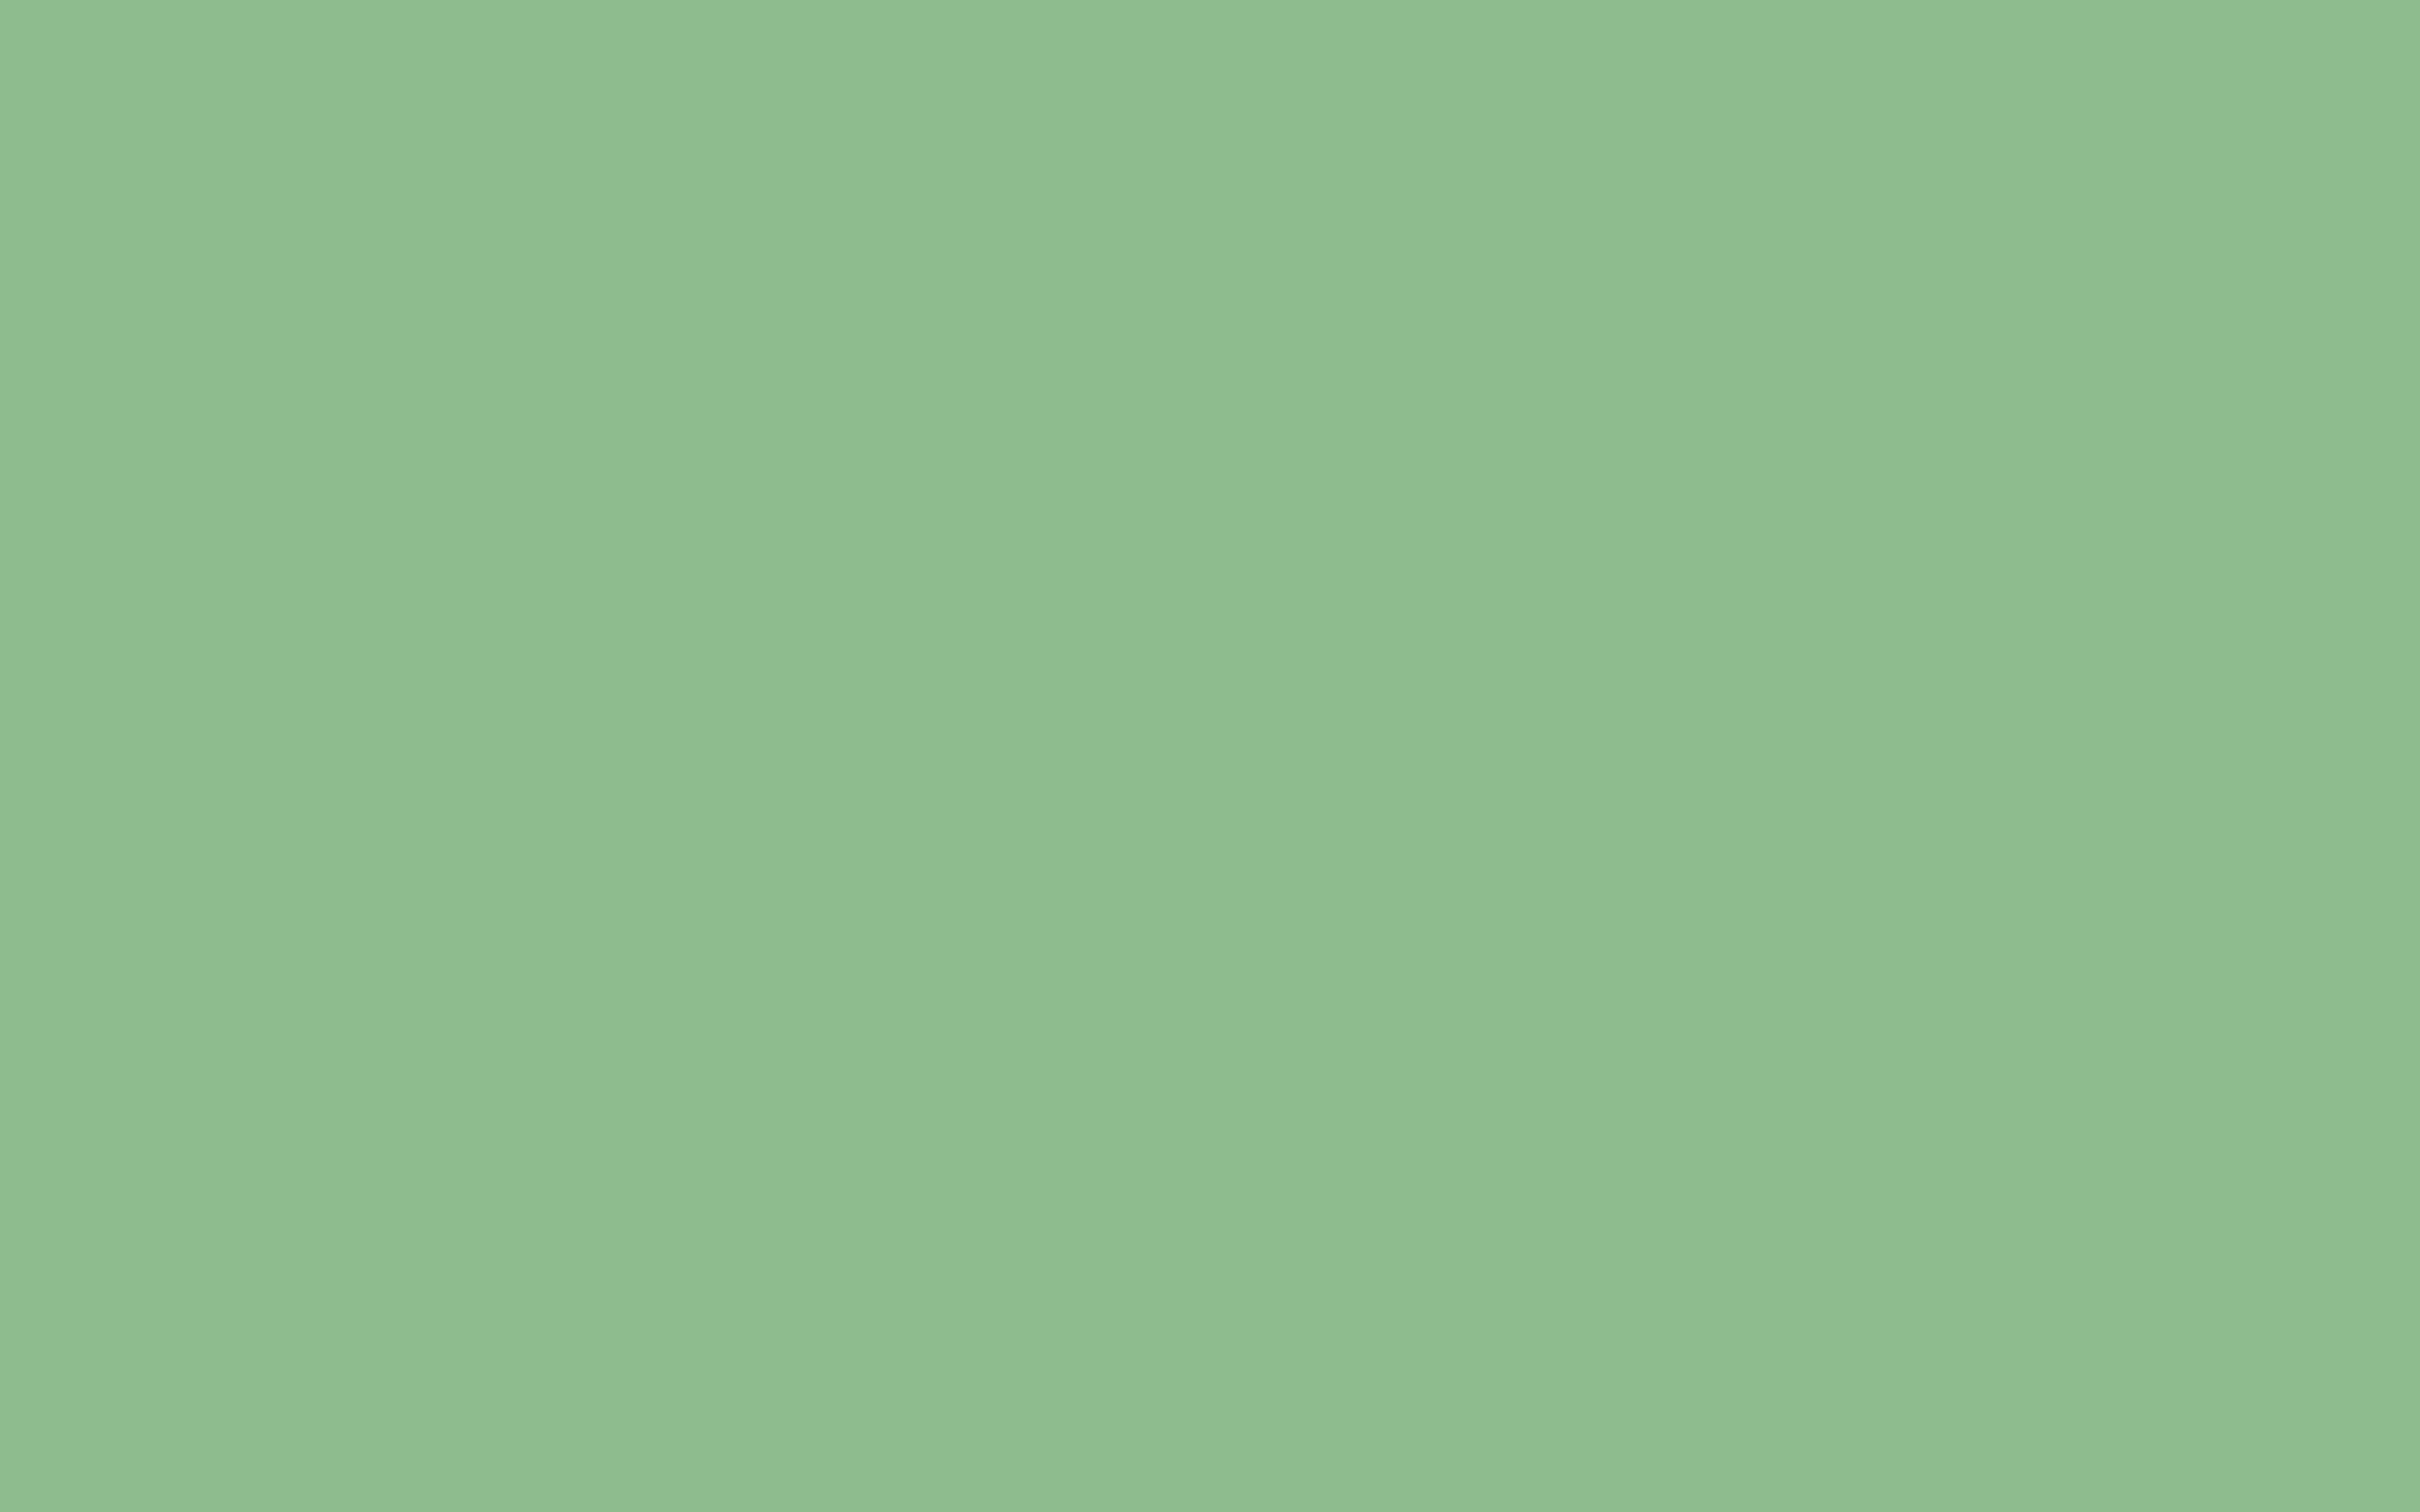 2560x1600 Dark Sea Green Solid 2560x1600